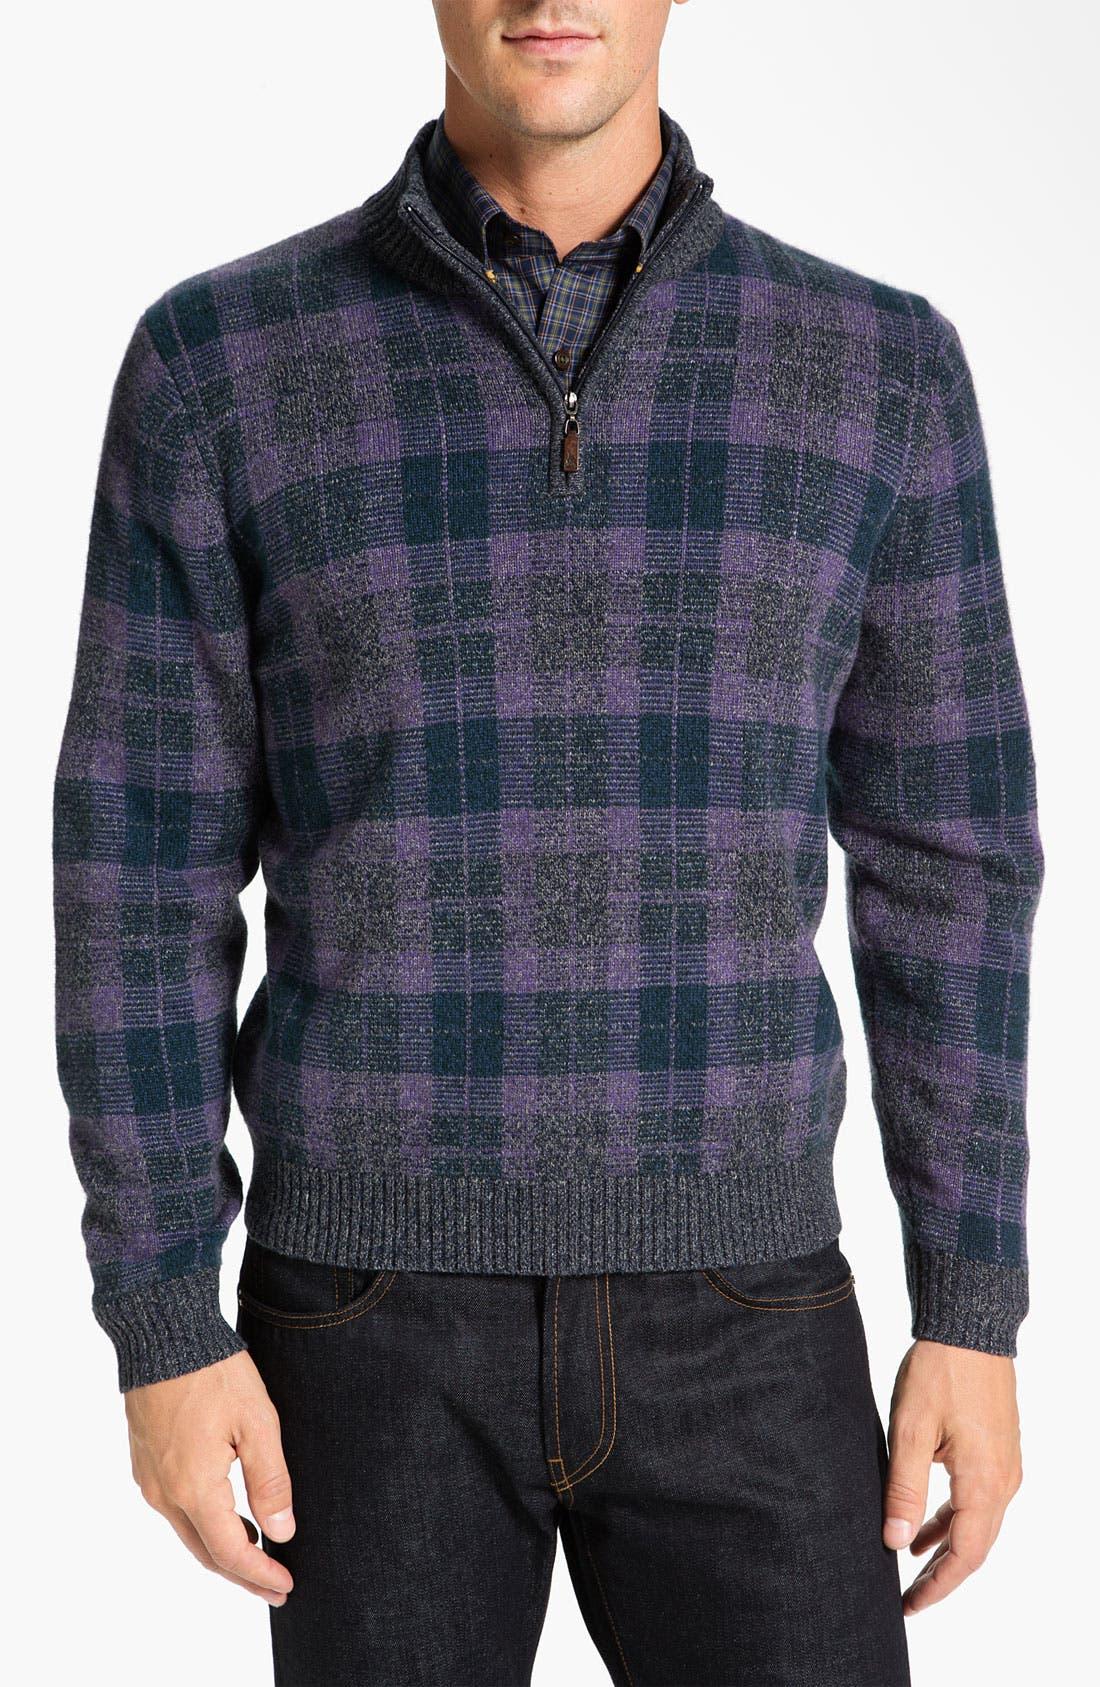 Main Image - Robert Talbott Half Zip Sweater